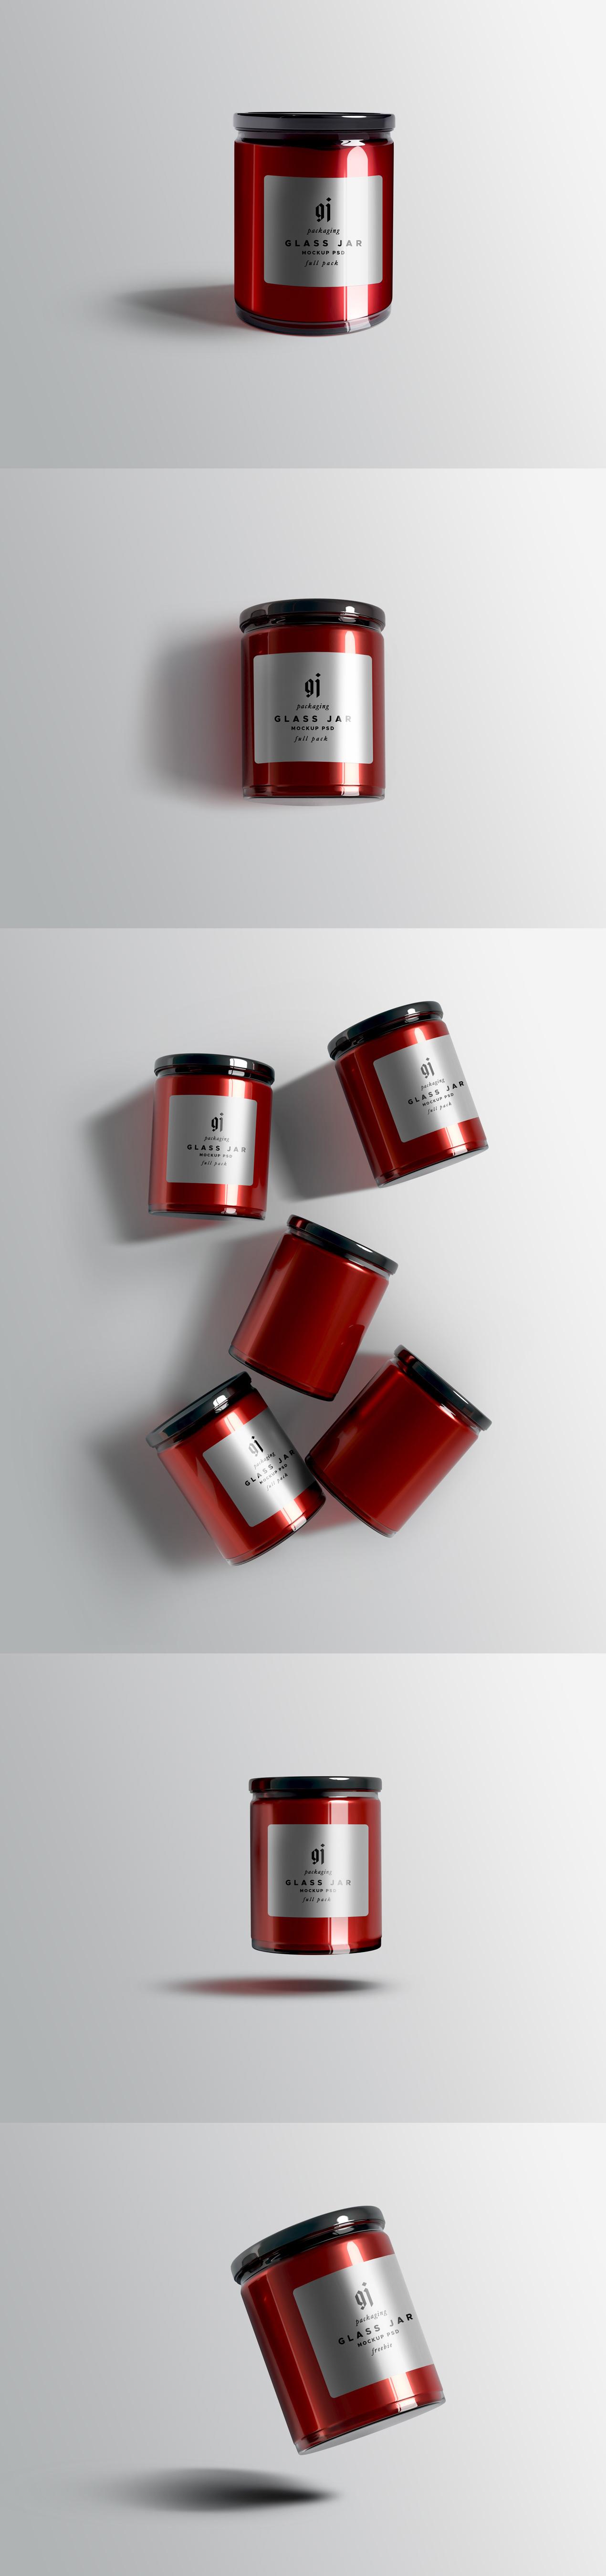 Glass Jar Mockup PSDs